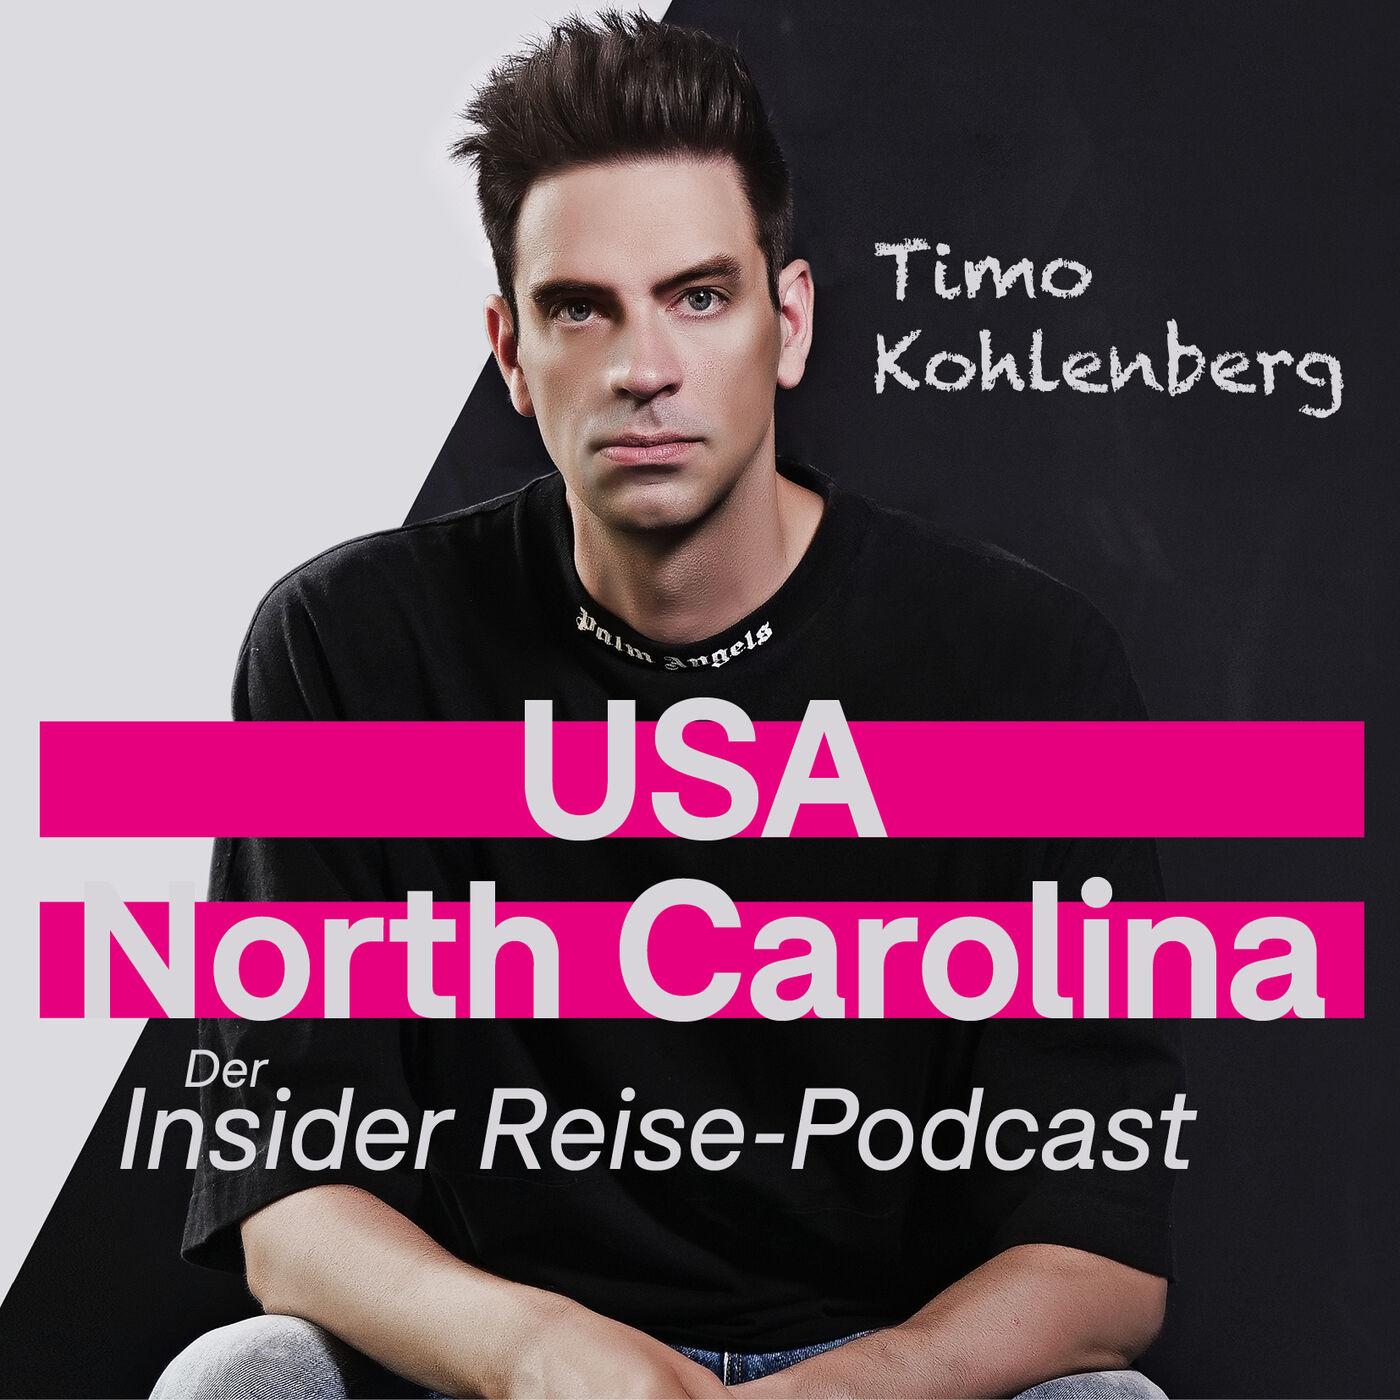 North Carolina: Mit wilden Mustangs und 750 PS vom Strand auf die Straße | Der Insider Reise Podcast mit Timo Kohlenberg